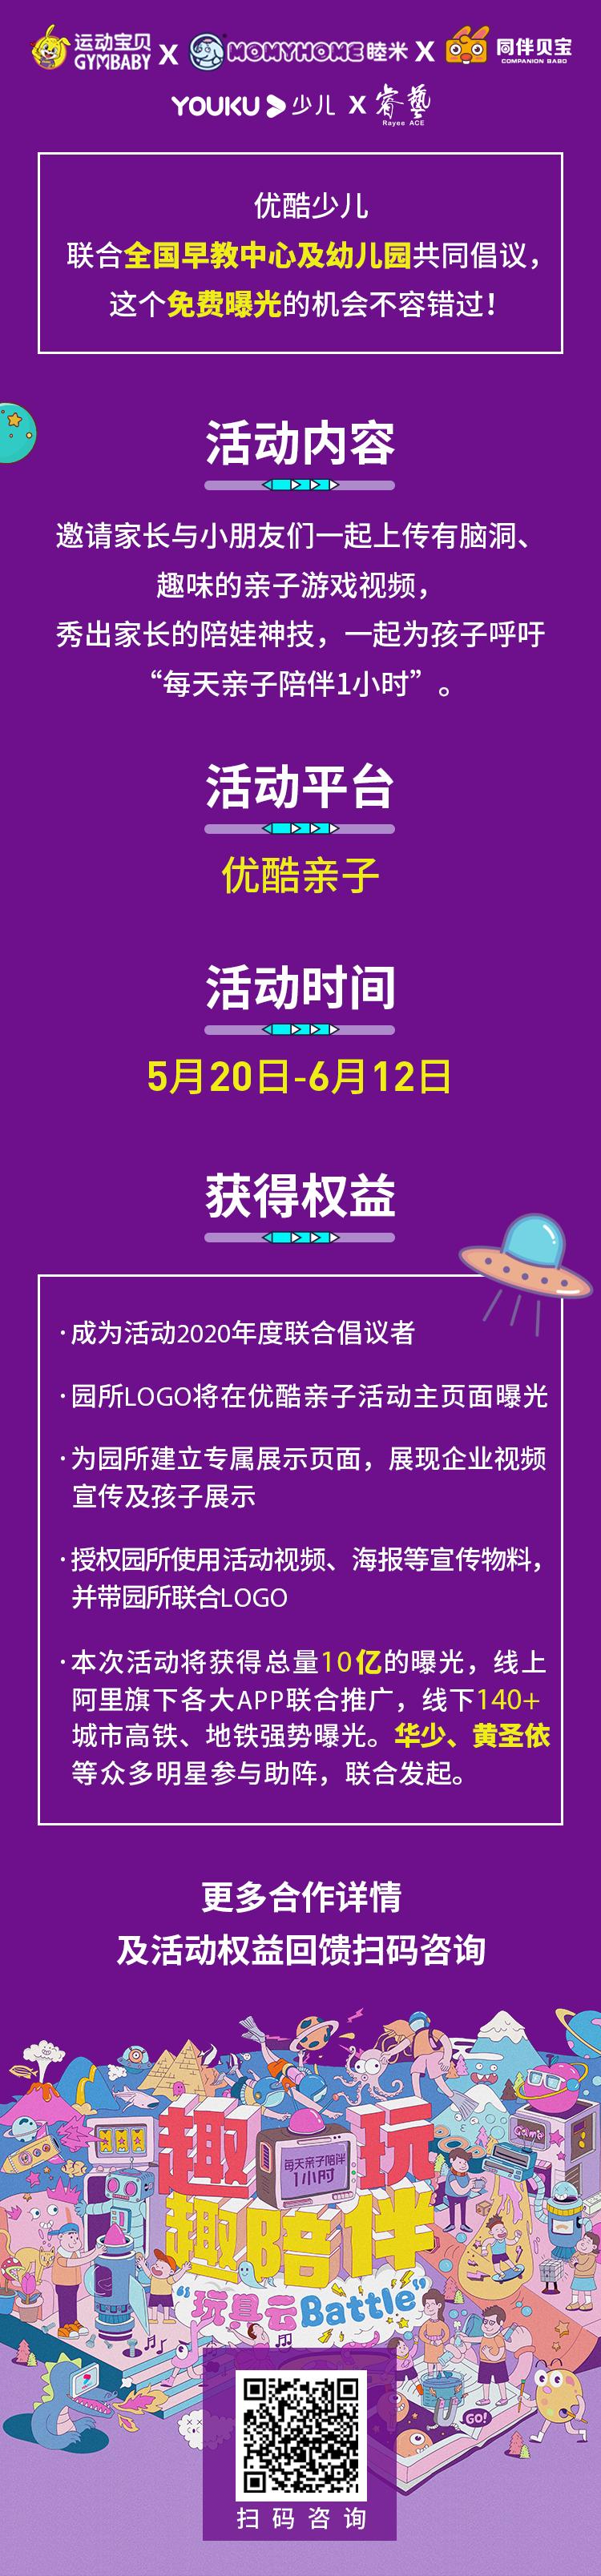 10亿曝光量!运动宝贝、睿艺联合优酷向全国幼儿园发起亲子活动邀请